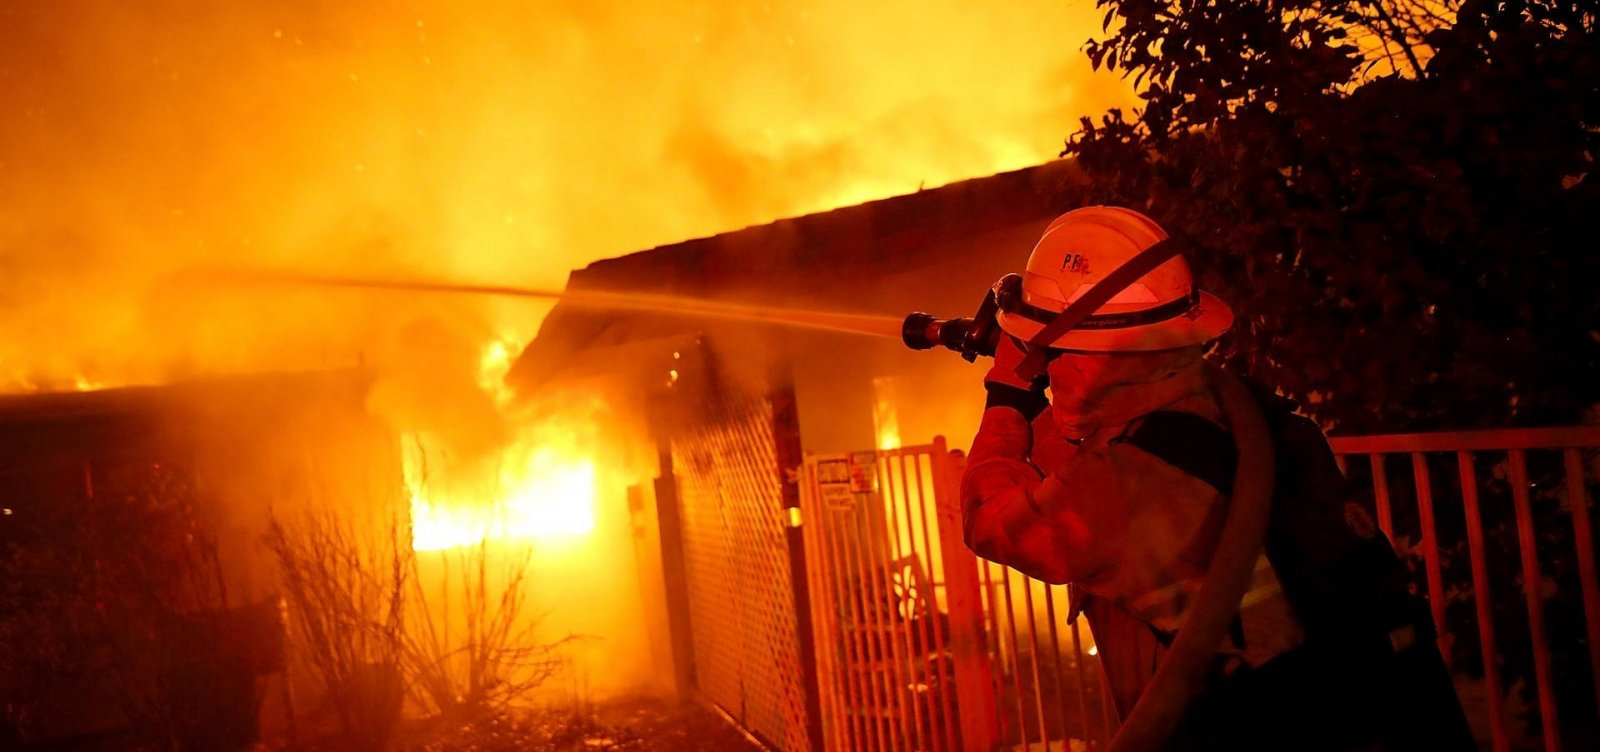 [Número de desaparecidos em incêndios na Califórnia sobe para mais de mil]